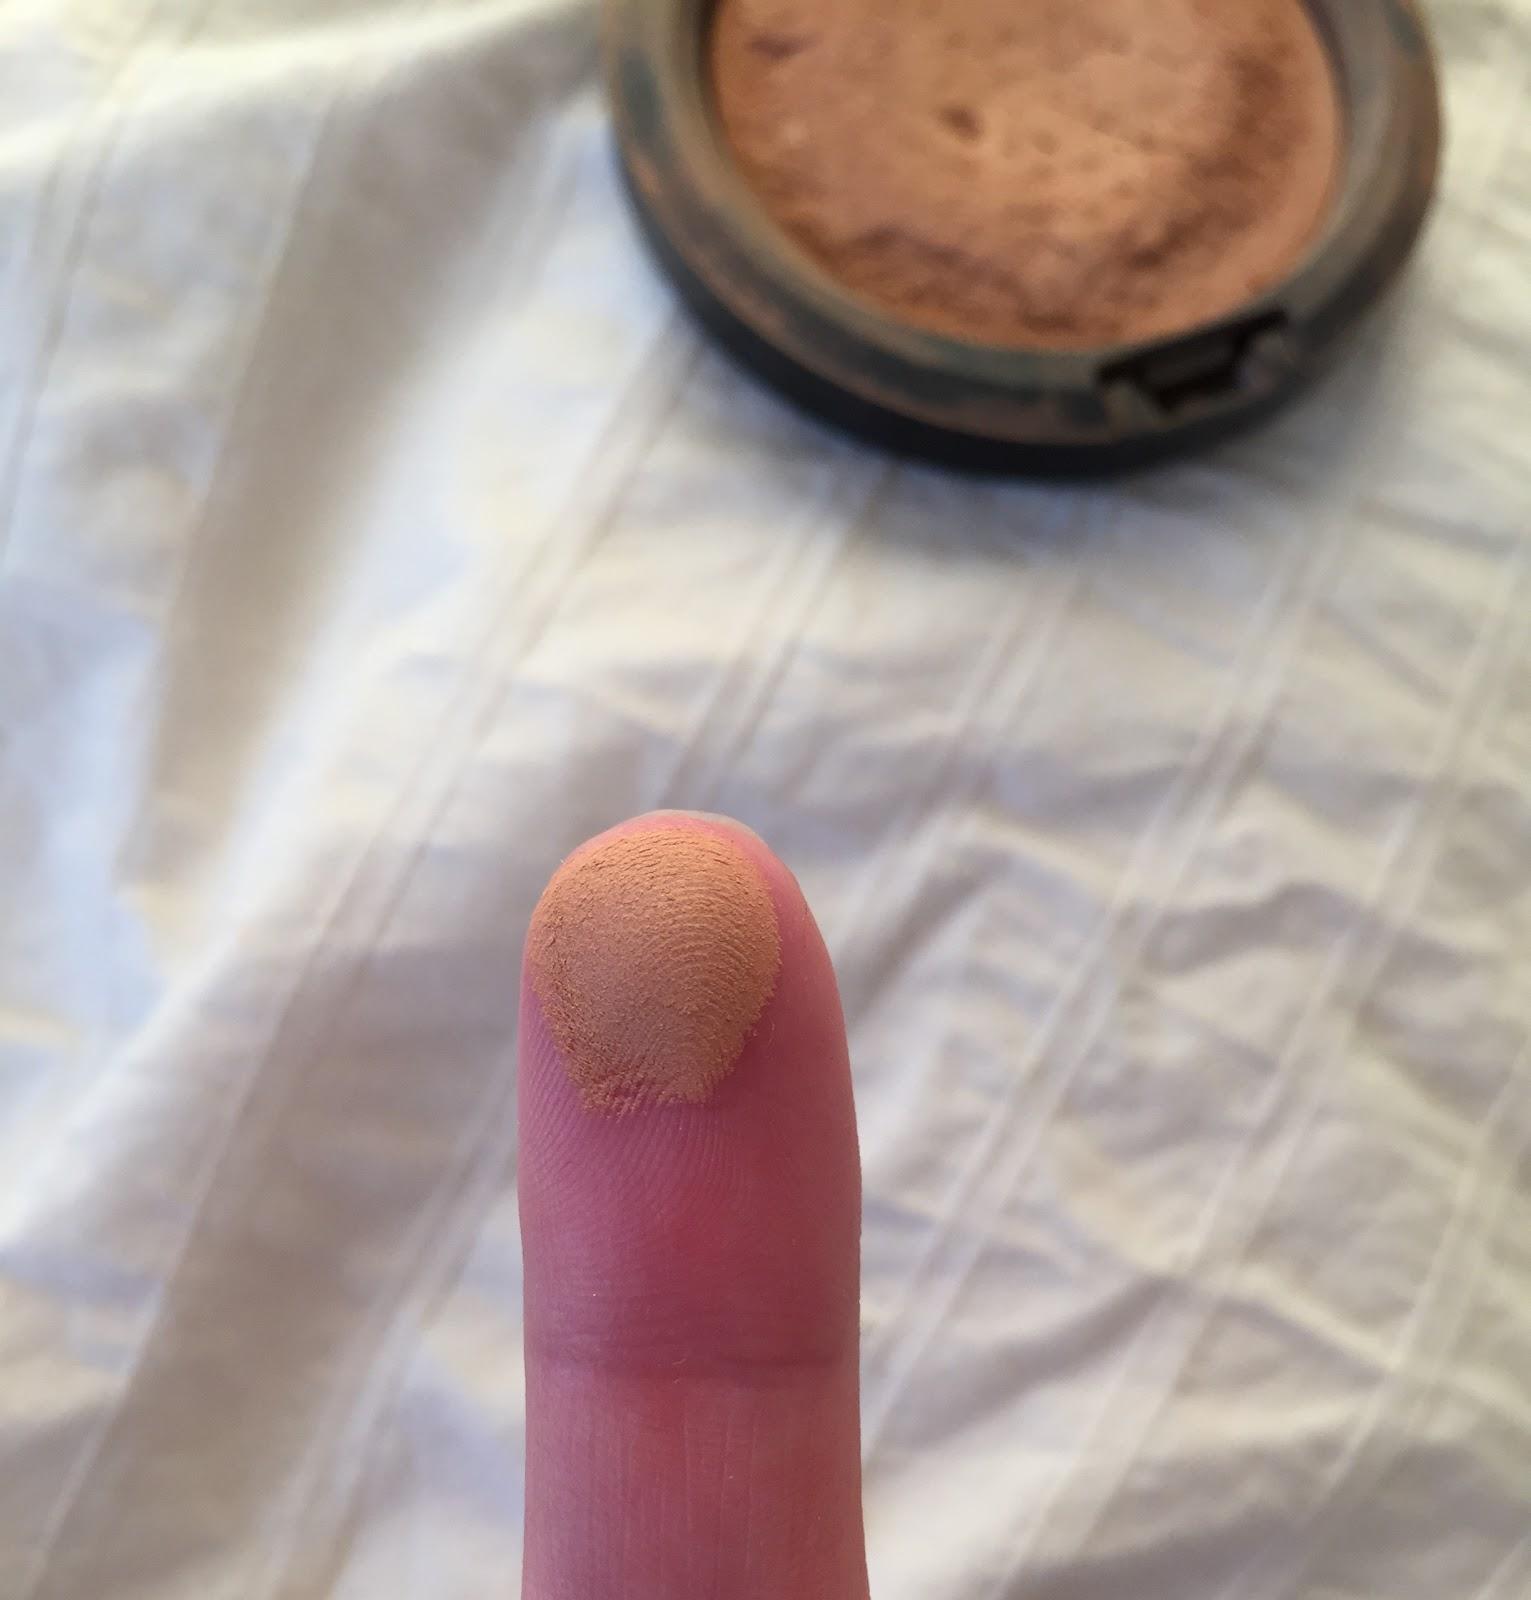 MAC bronzing powder swatches, mac bronzer review, mac powder review, mac mineralize review